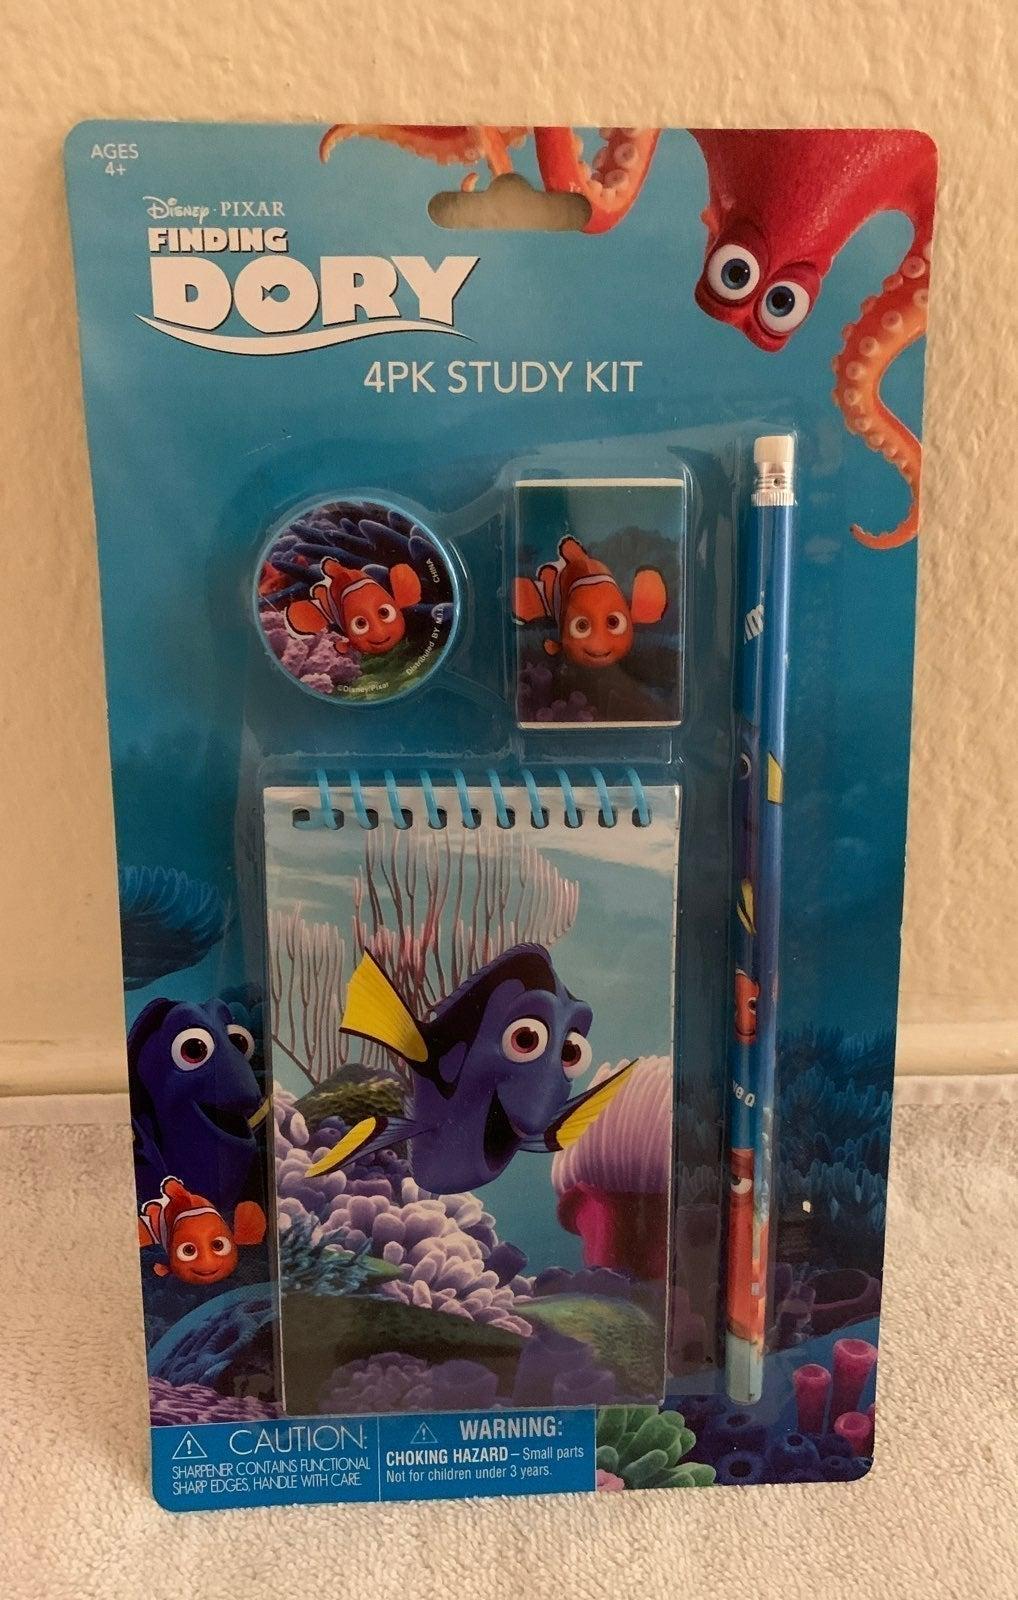 Finding Dory 4Pk Study Kit